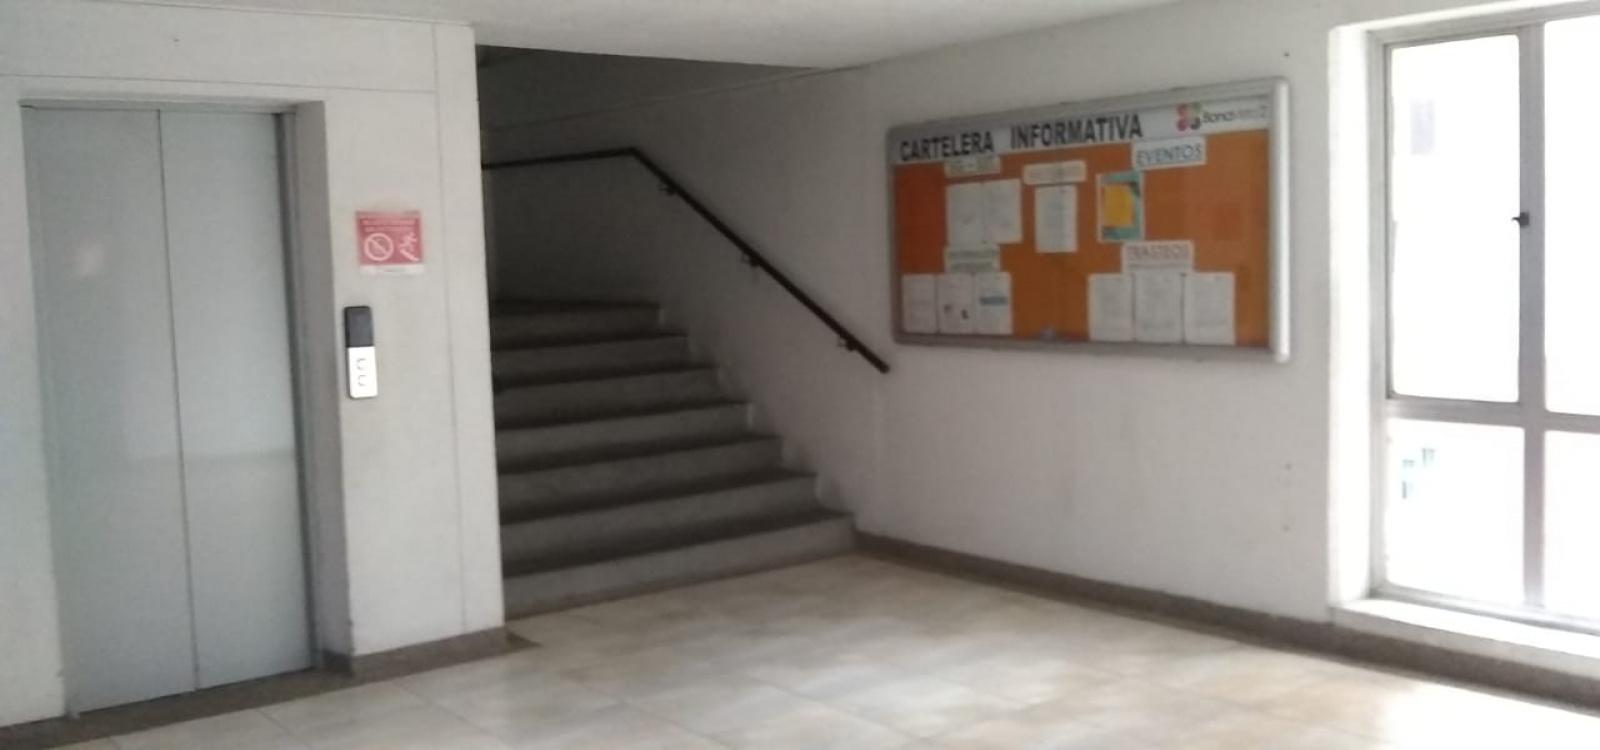 64- 38 SUR 70D, Bogotá, Sur, Perdomo, 3 Habitaciones Habitaciones,2 BathroomsBathrooms,Apartamentos,Arriendo,70D,2957